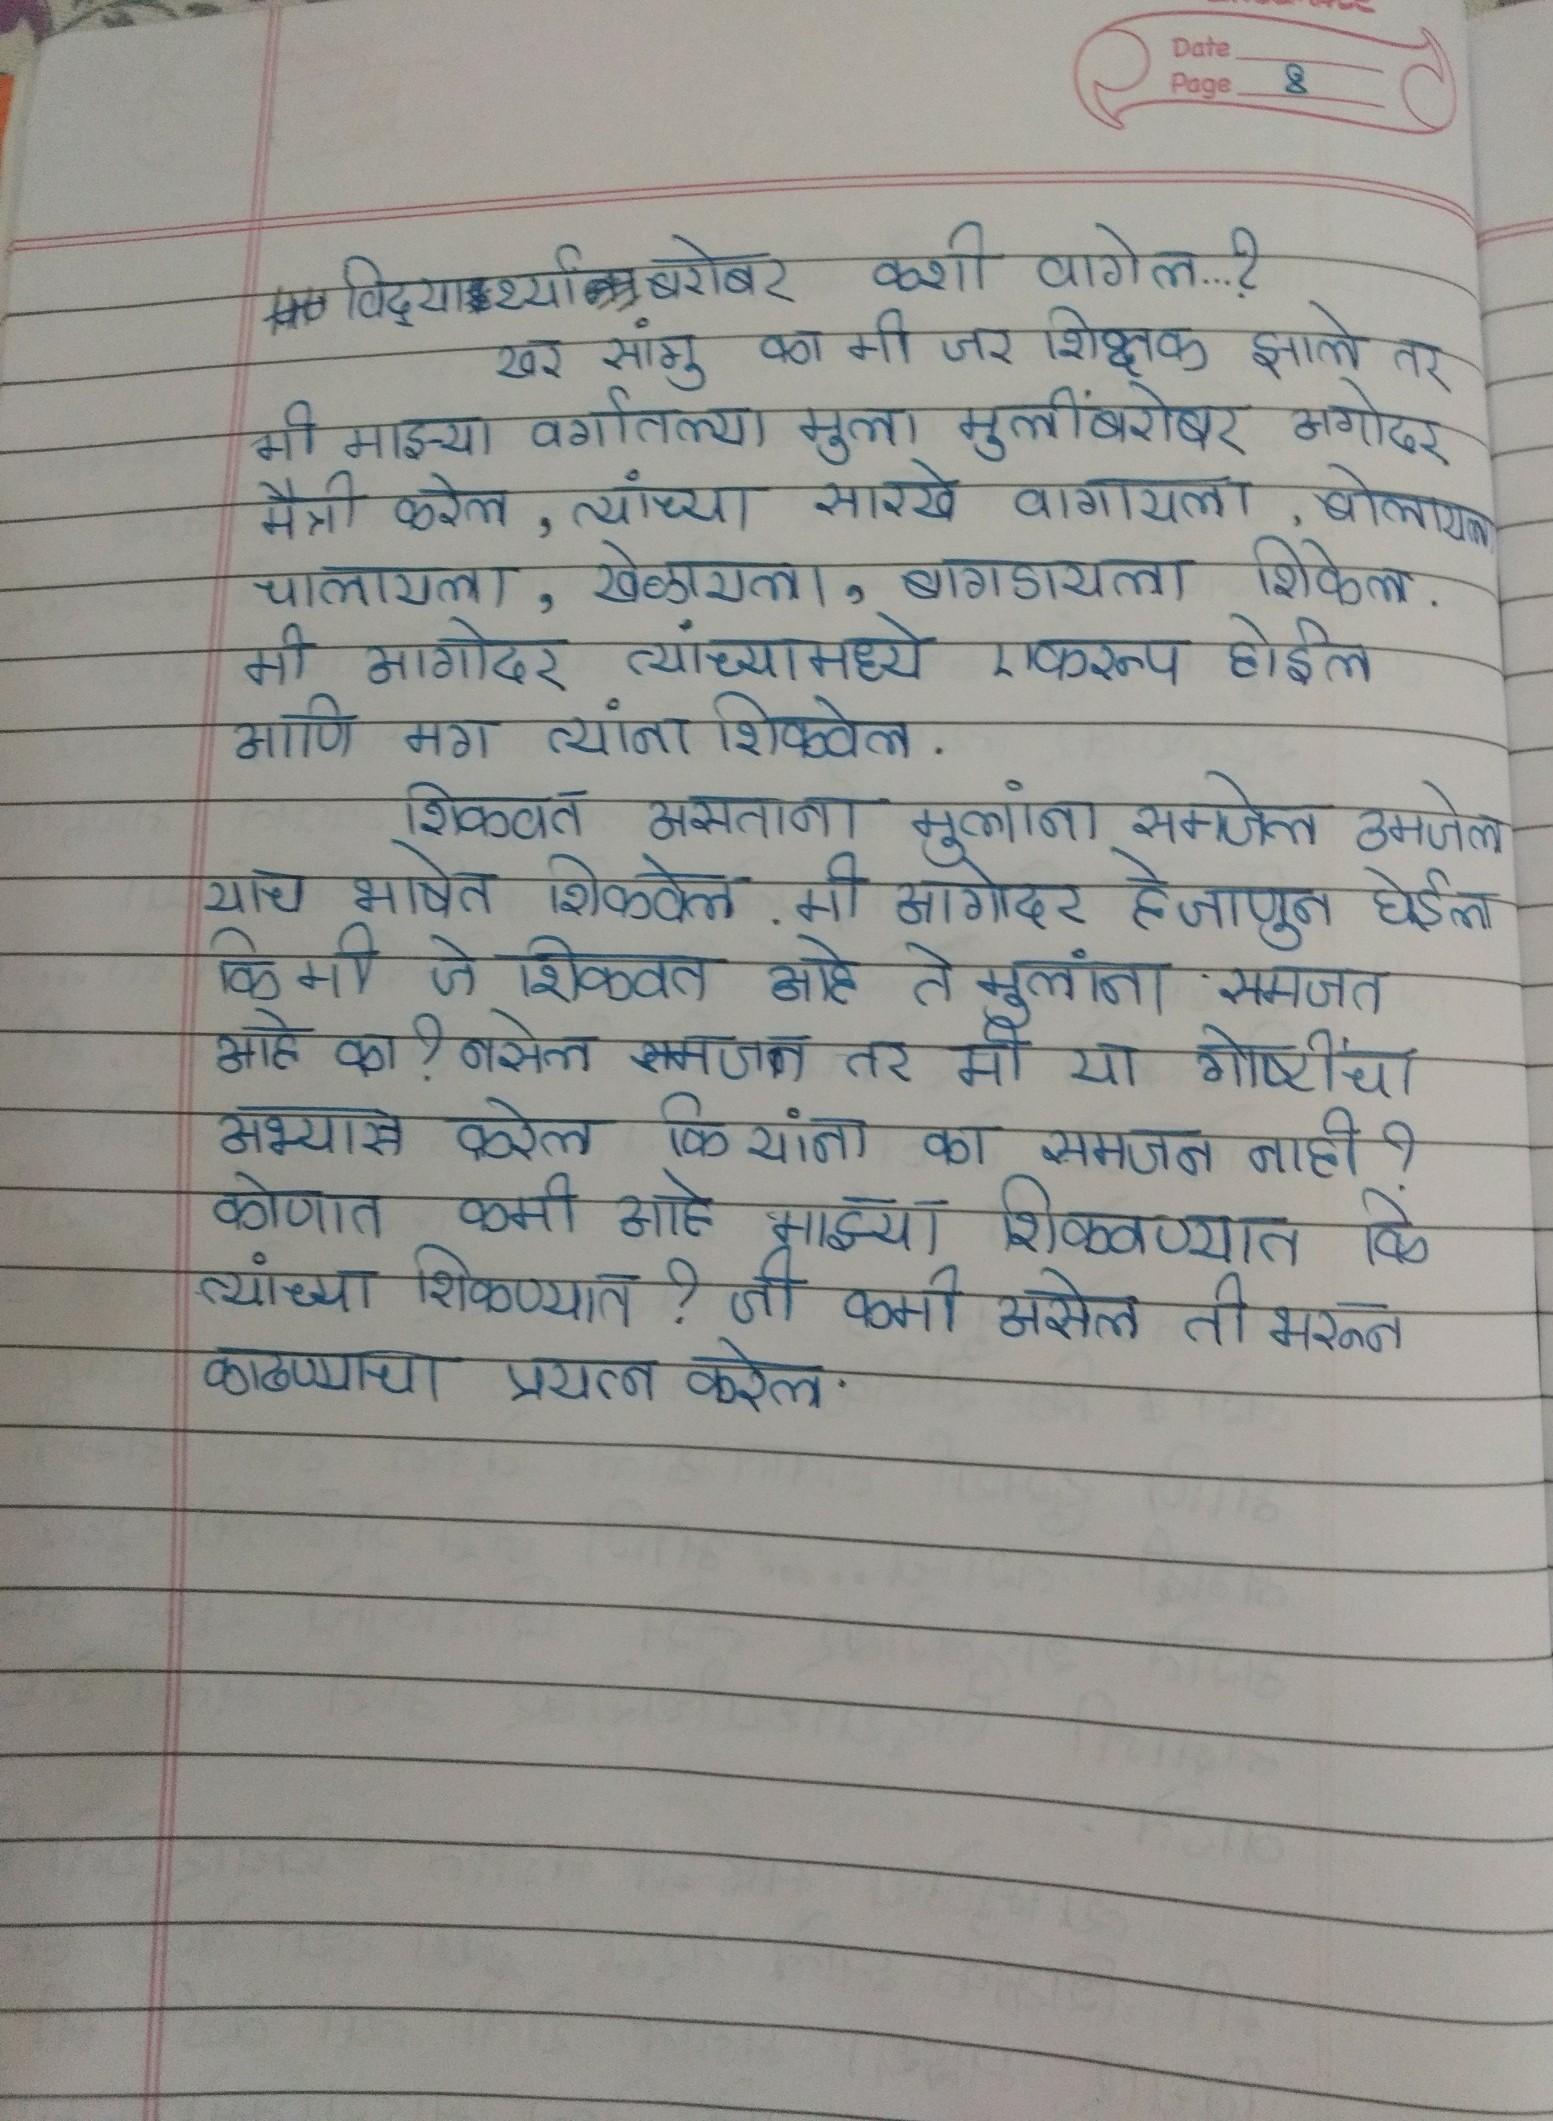 Me shikshak zalo tar in marathi - Brainly in